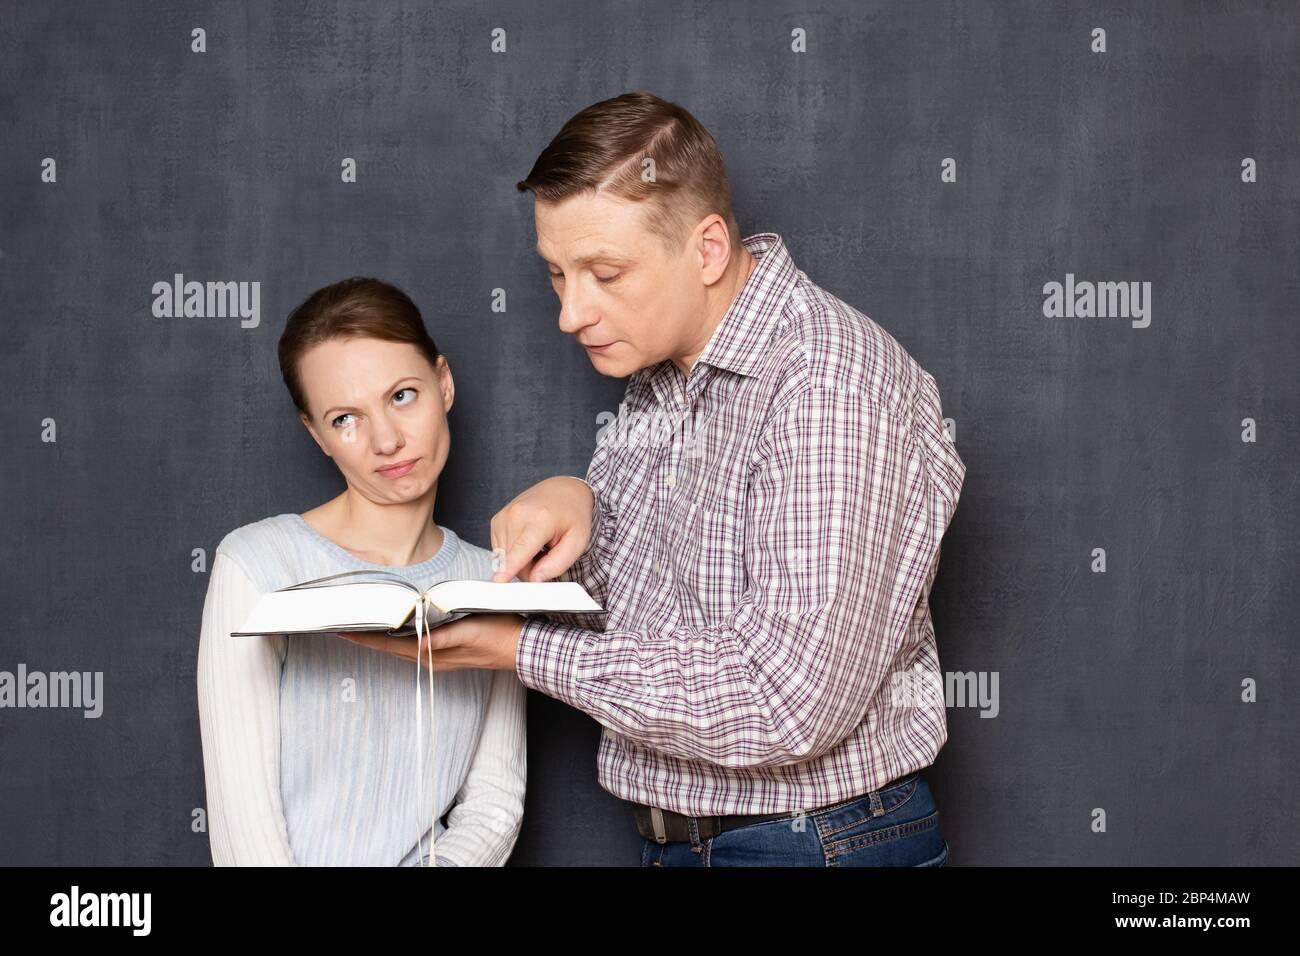 Estudio de un disparo de hombre tratando de prestar atención a la mujer disgustada a texto en el libro mientras está aburrida y cansada de leer y estudiar, no siendo internos Foto de stock